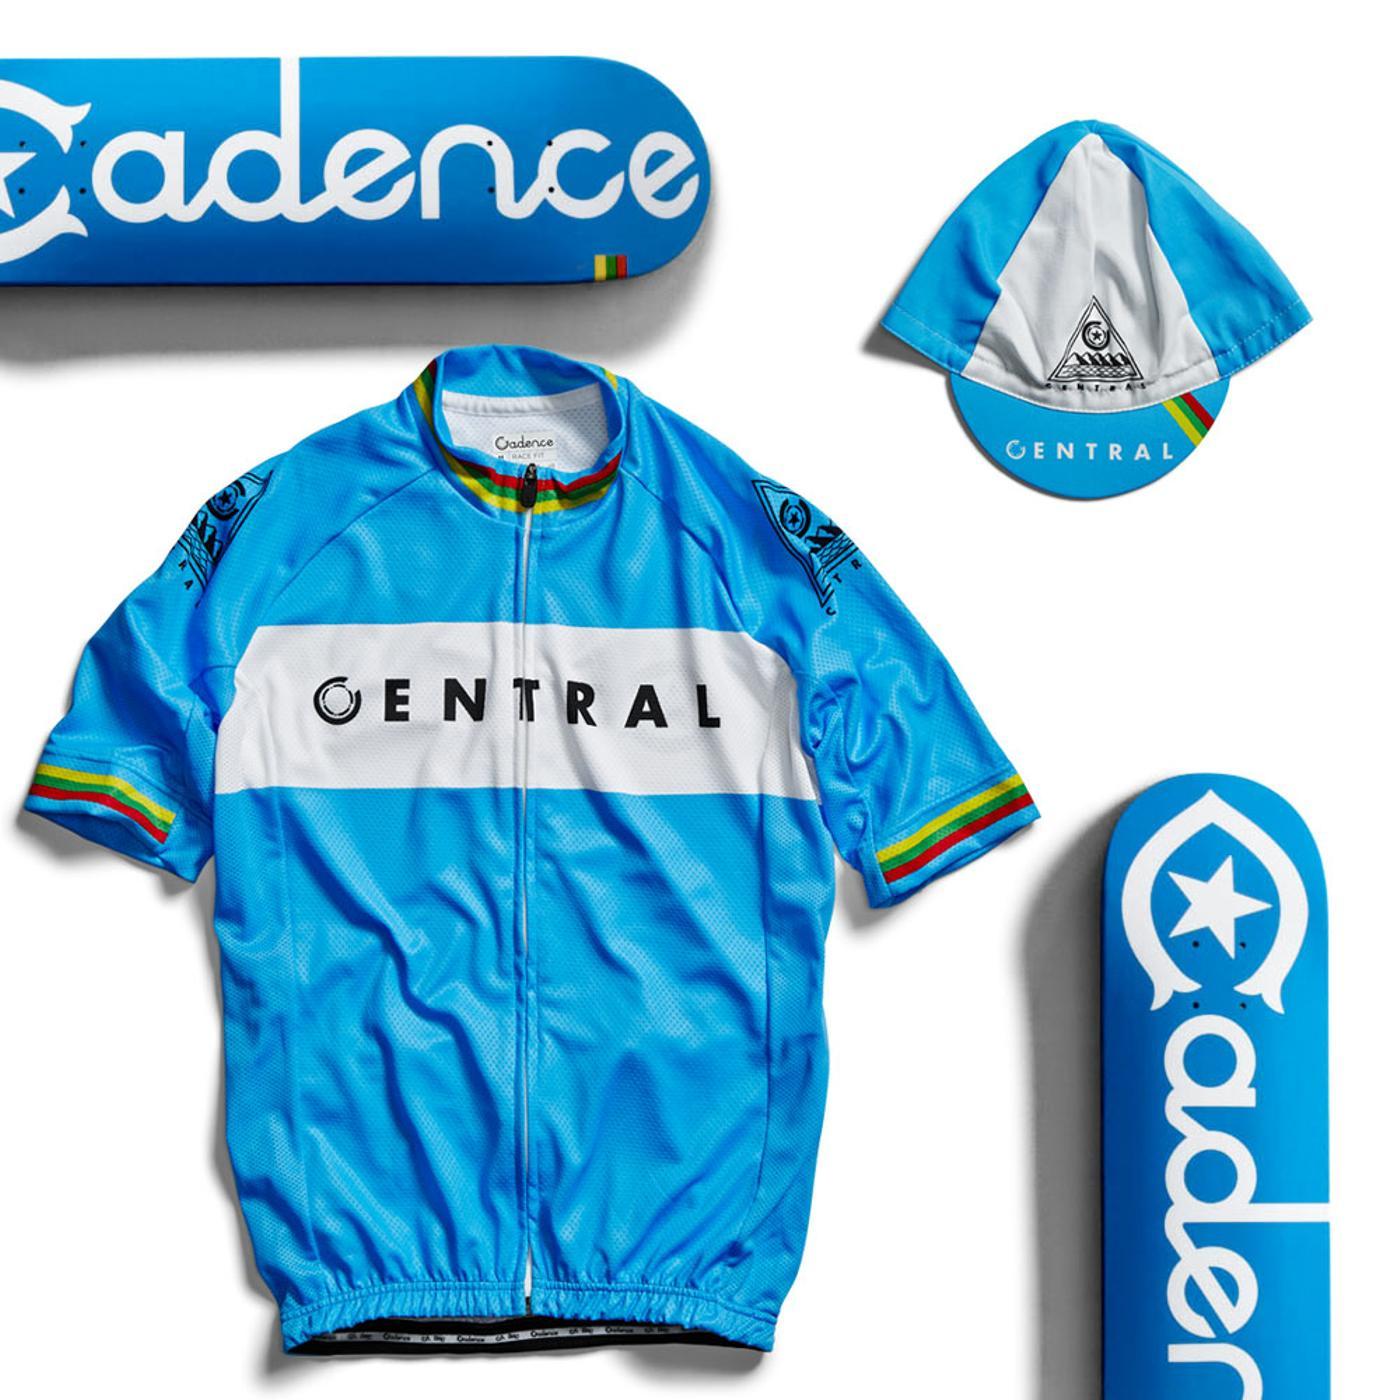 Central_Cadence